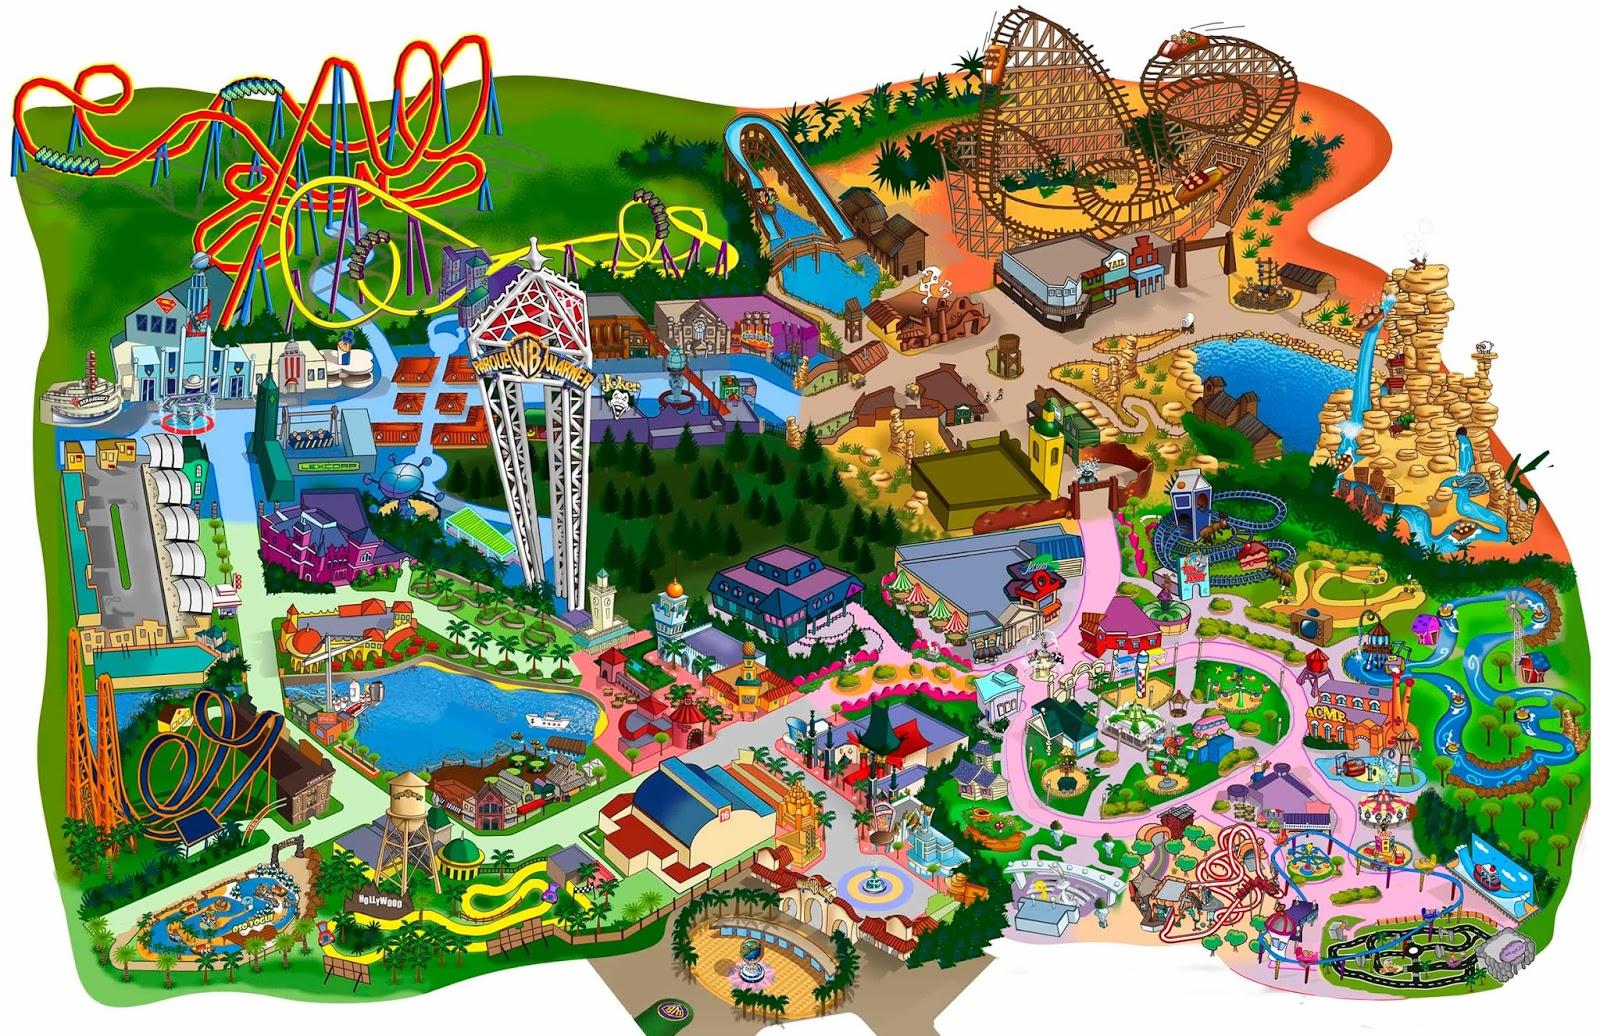 El Parque De Atracciones De Dibujos Animados Ven A Jugar: Madrid Con Niños: Disfrutando Del Parque Warner En